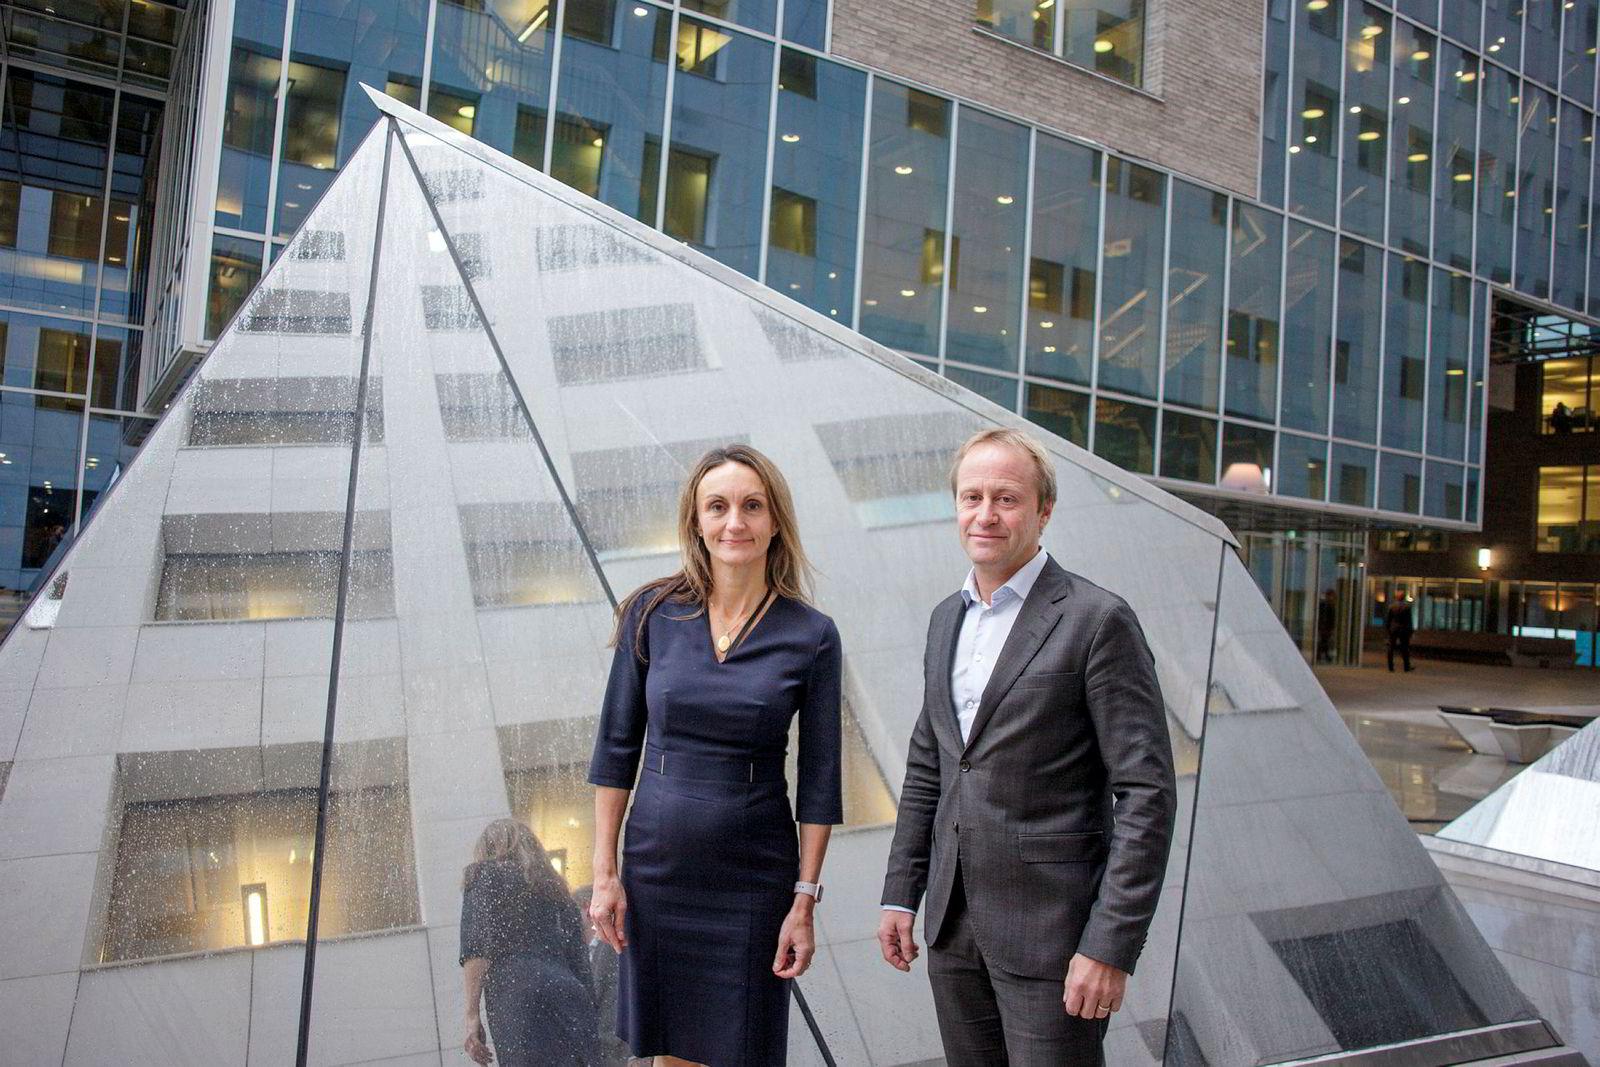 Konserndirektør Mirella E. Wassiluk og Roar Østby, leder for antihvitvask i DNB, sier banken har utvidet innsatsen for å hindre hvitvasking, og rapporterer flere saker til Økokrim. Rundt 250 jobber med antihvitvask i banken.